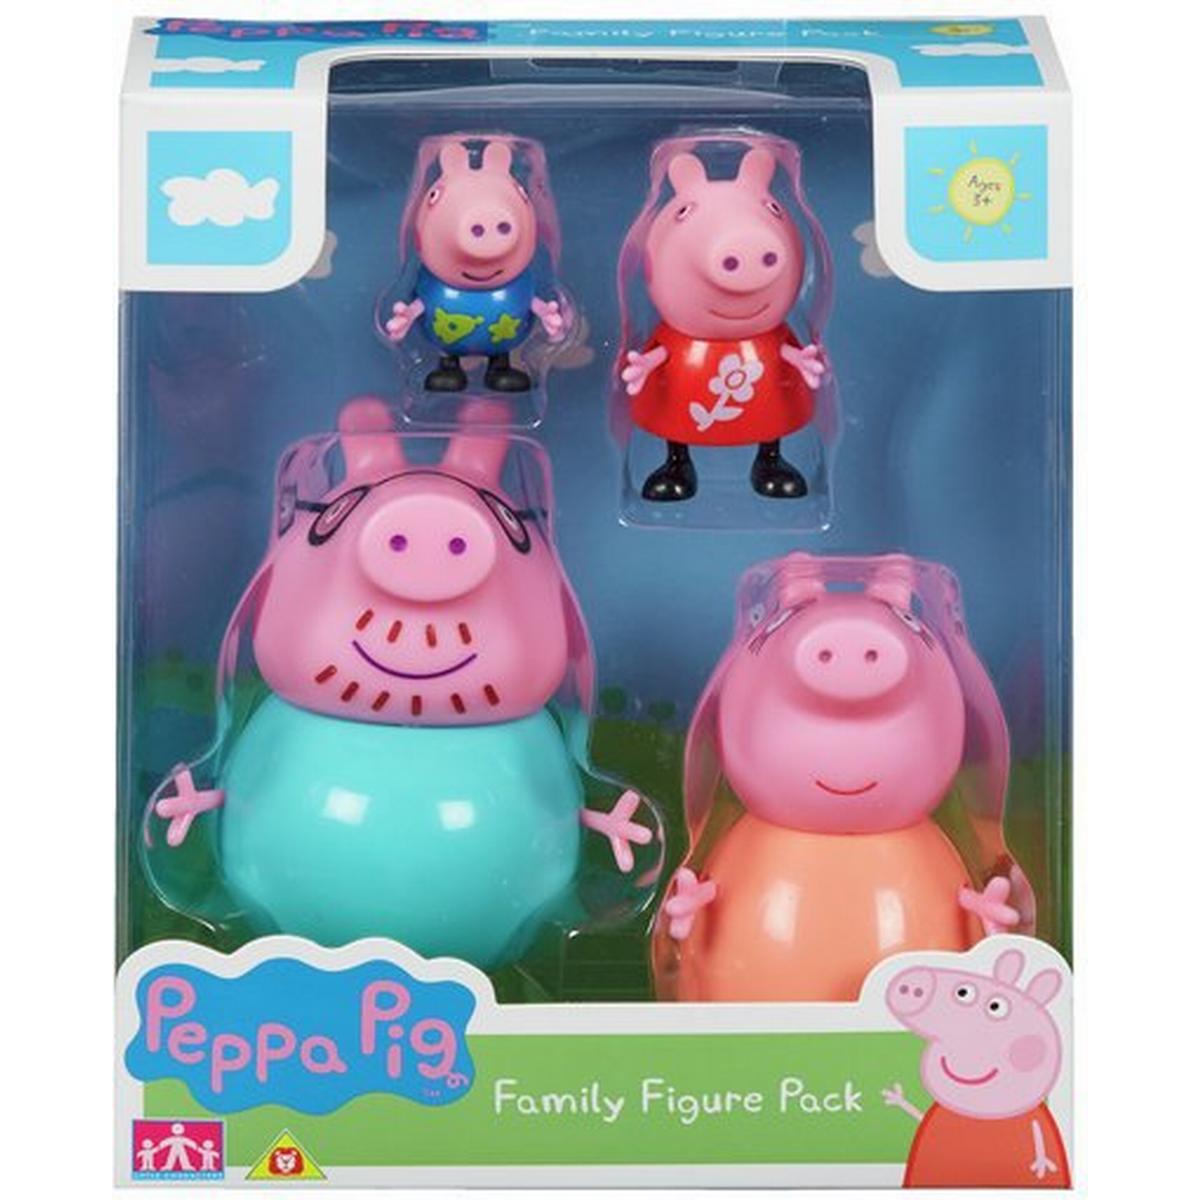 Peppa Pig Peppas Back To School Playset Bundle with School Bus